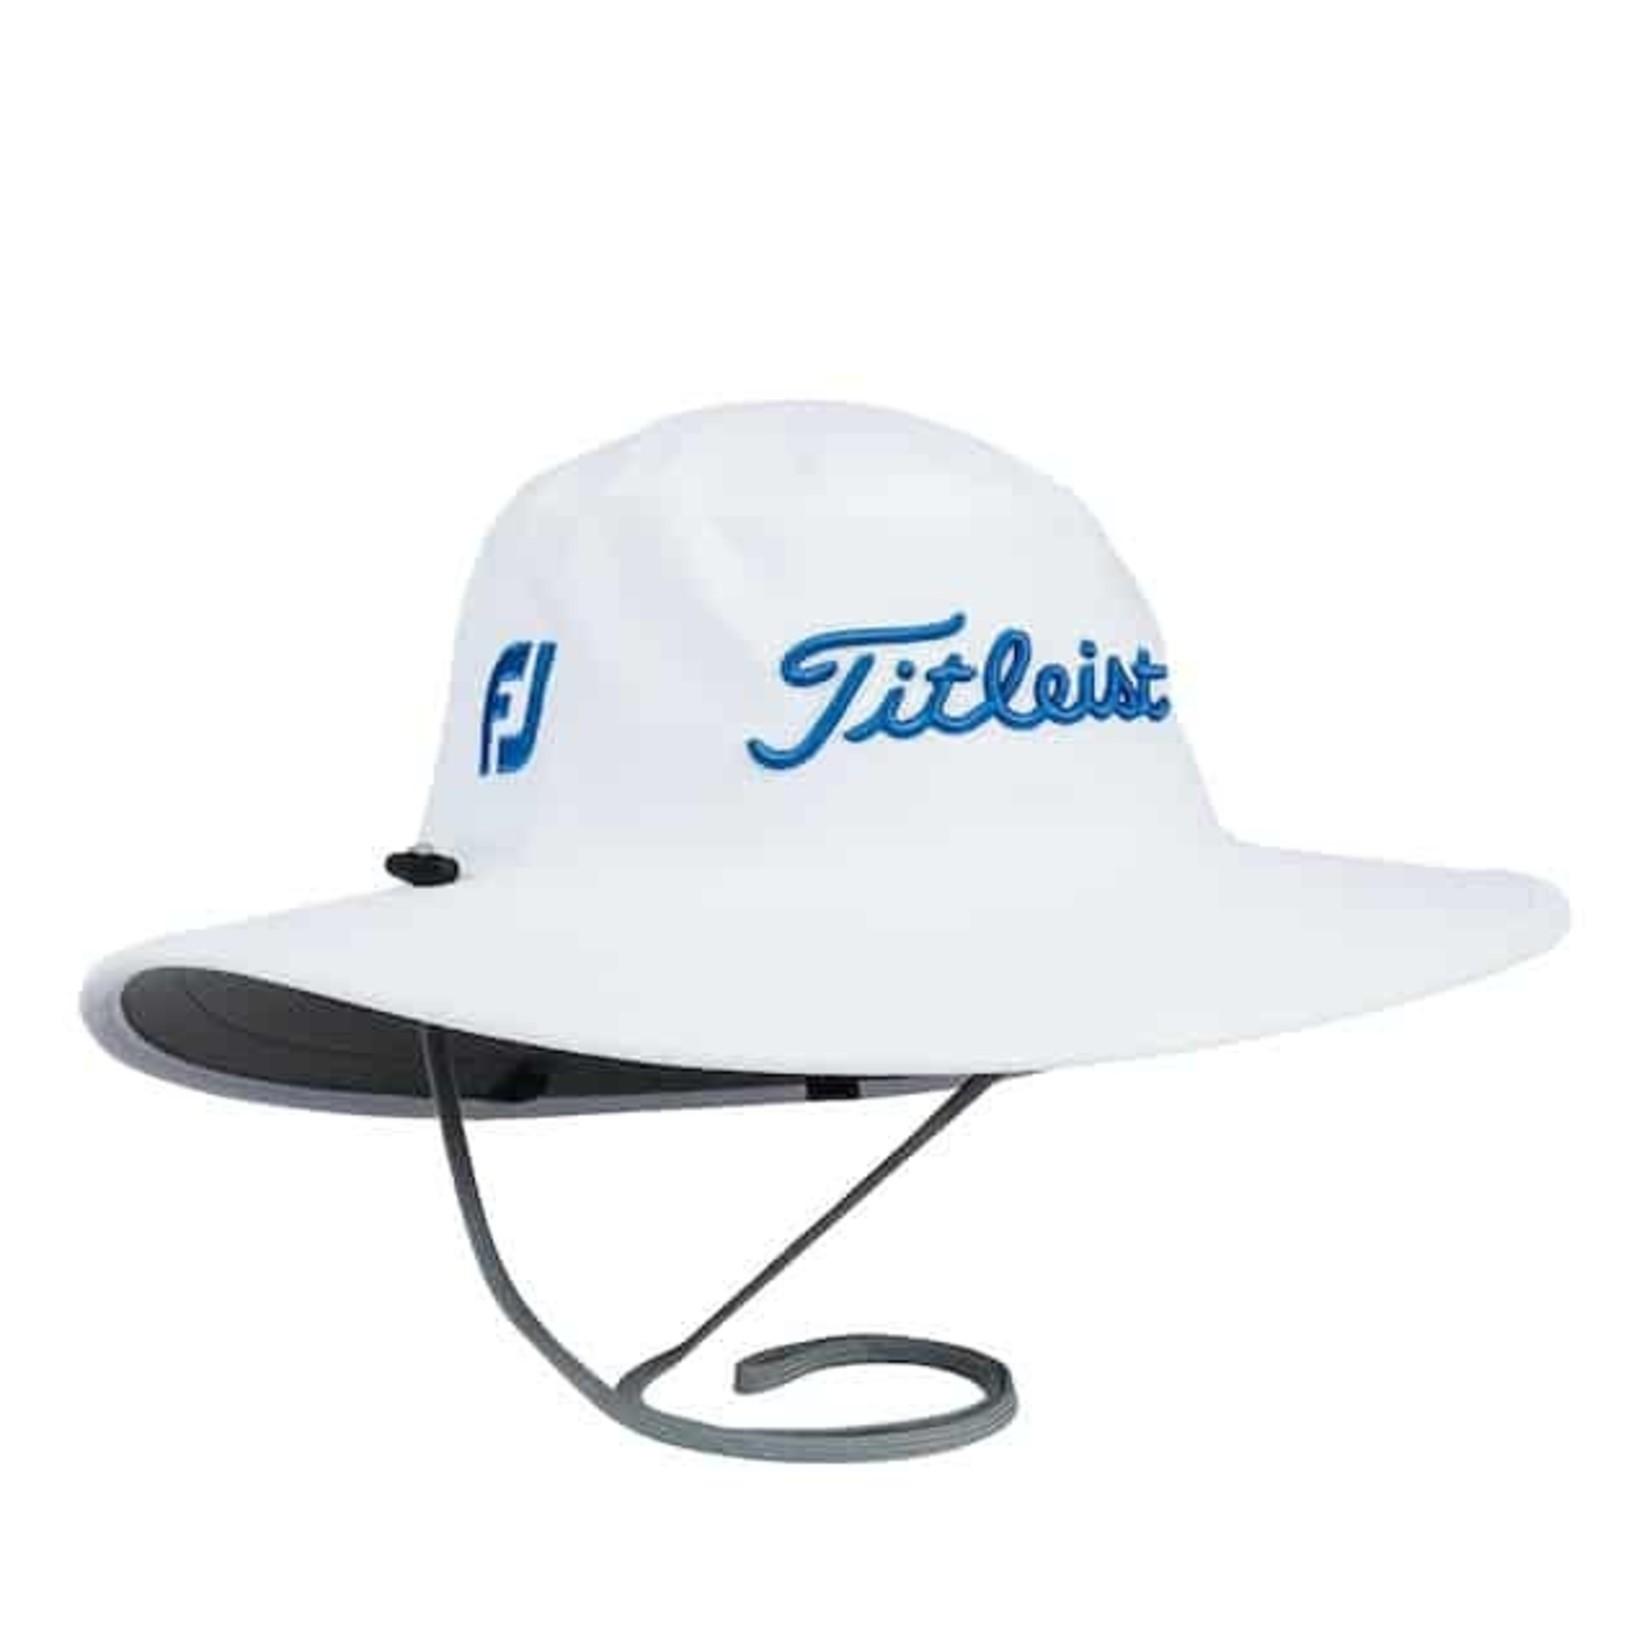 Titleist Titleist Aussie Hat White/Blue